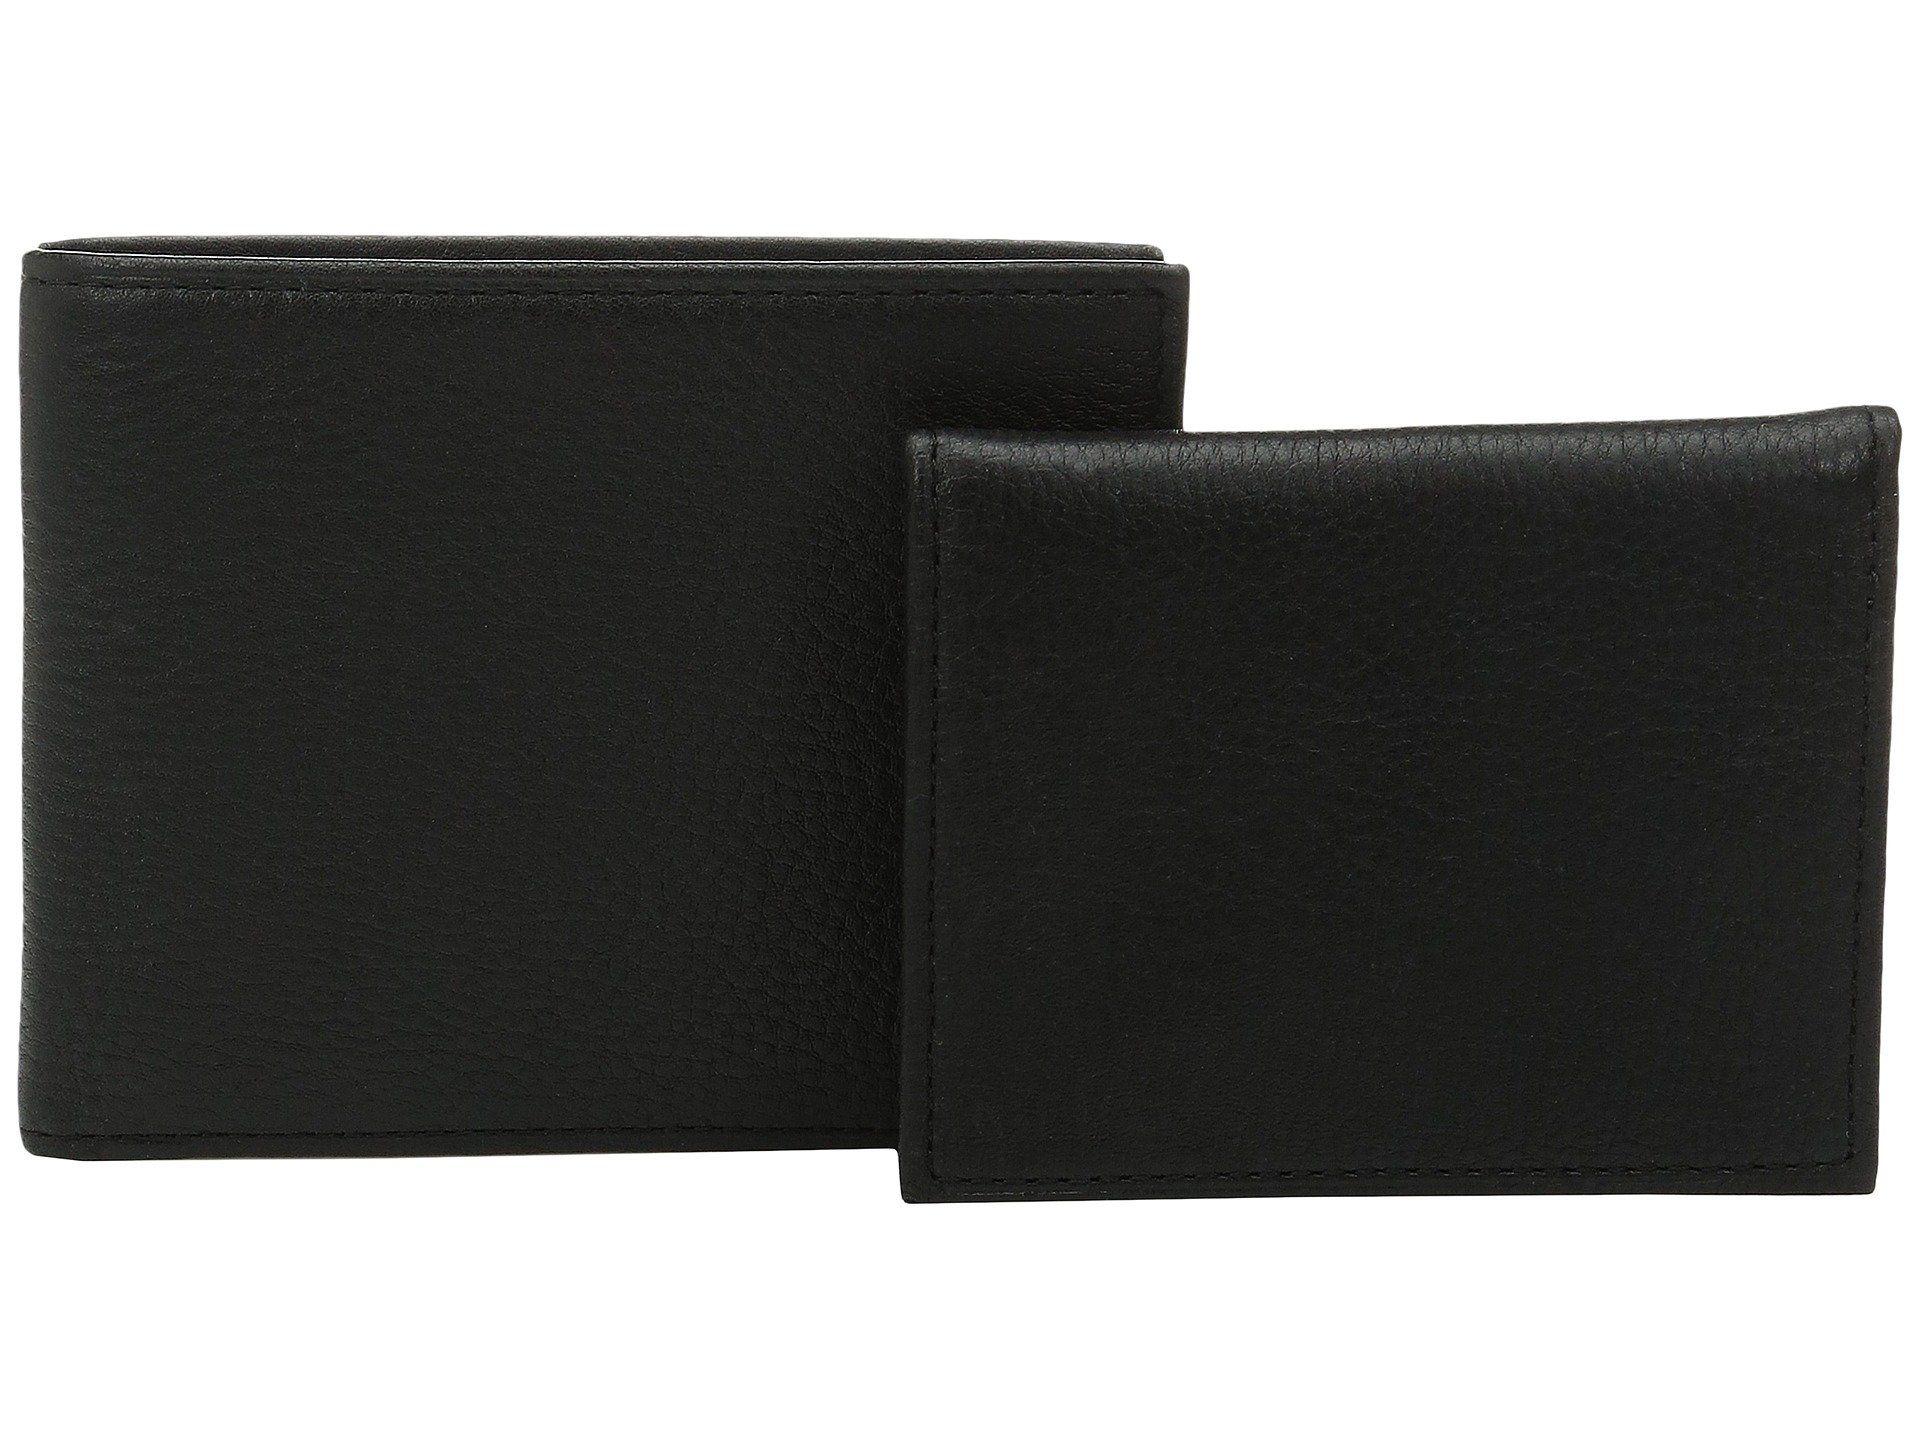 2cd12f32d4 Polo Ralph Lauren Nylon Laptop Bag